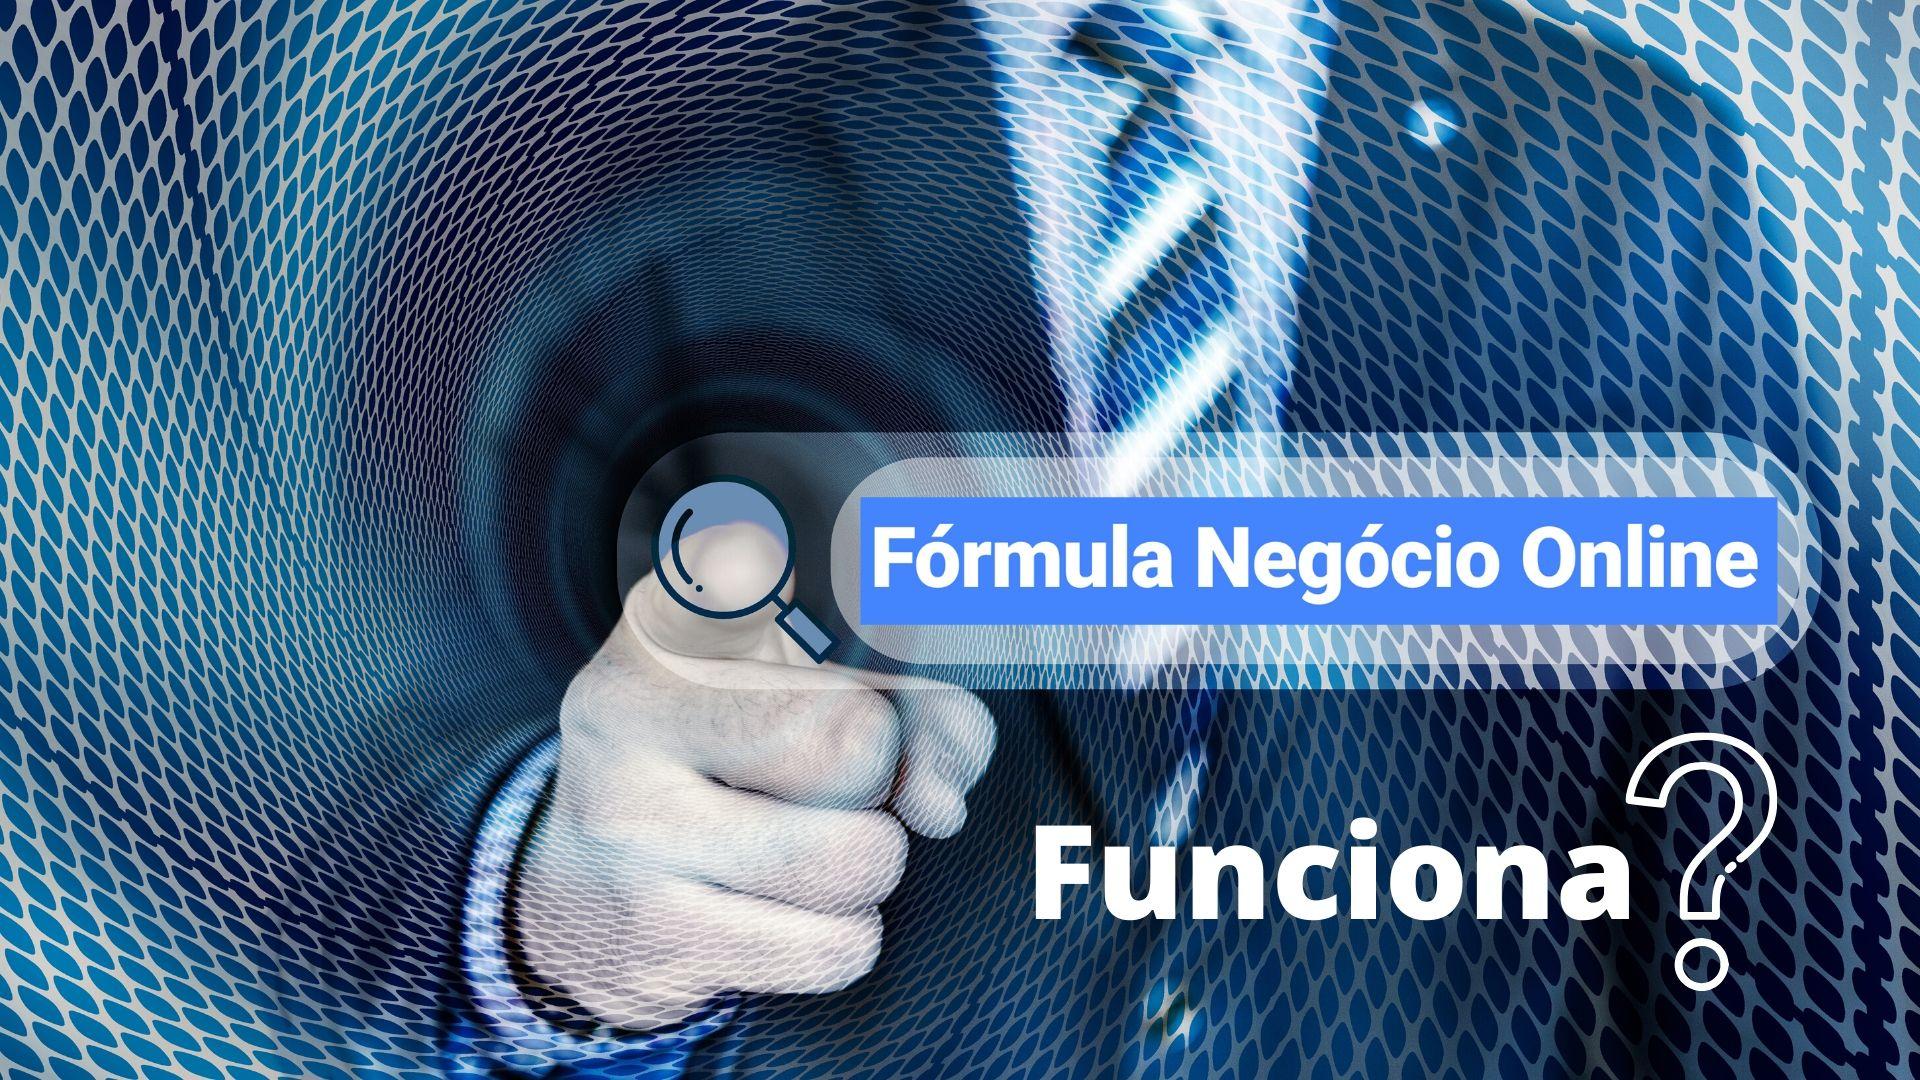 formula negócio online grátis